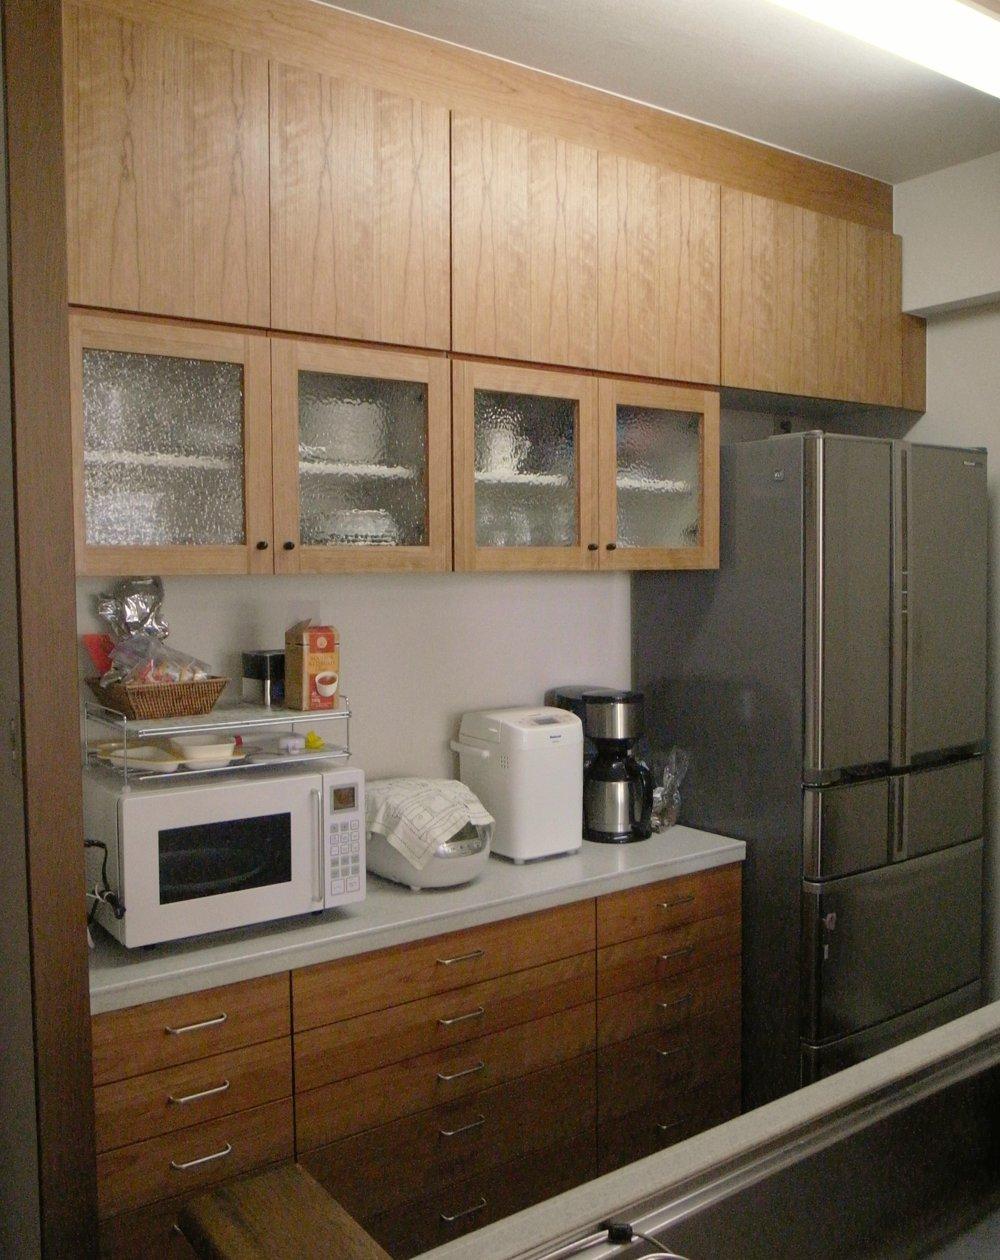 元々の食器棚をチェリーのモダンな食器棚にリメイク